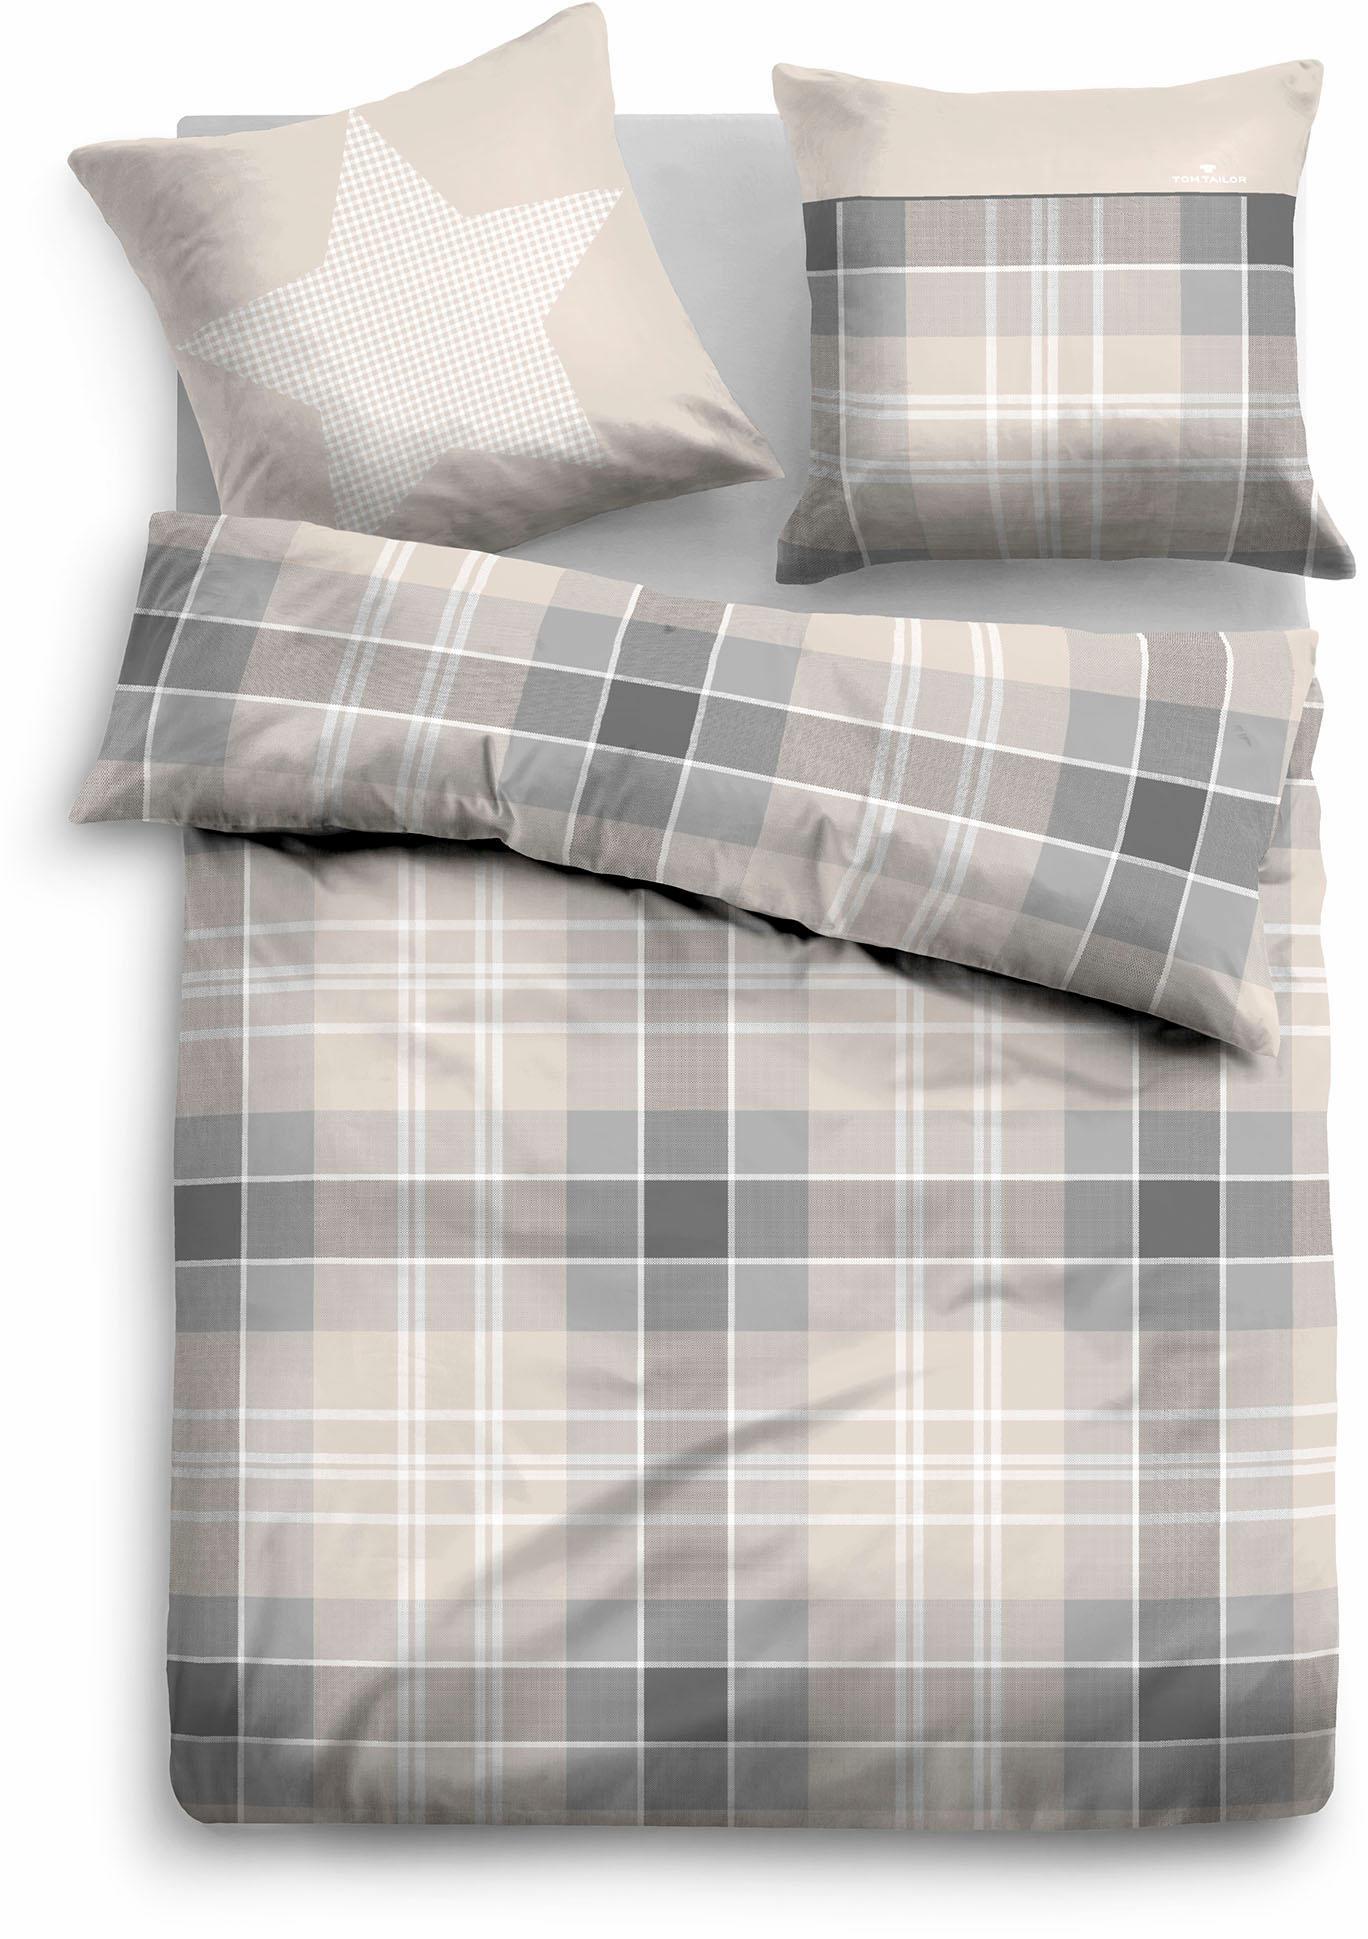 bettw sche fiori tom tailor auf rechnung baur. Black Bedroom Furniture Sets. Home Design Ideas